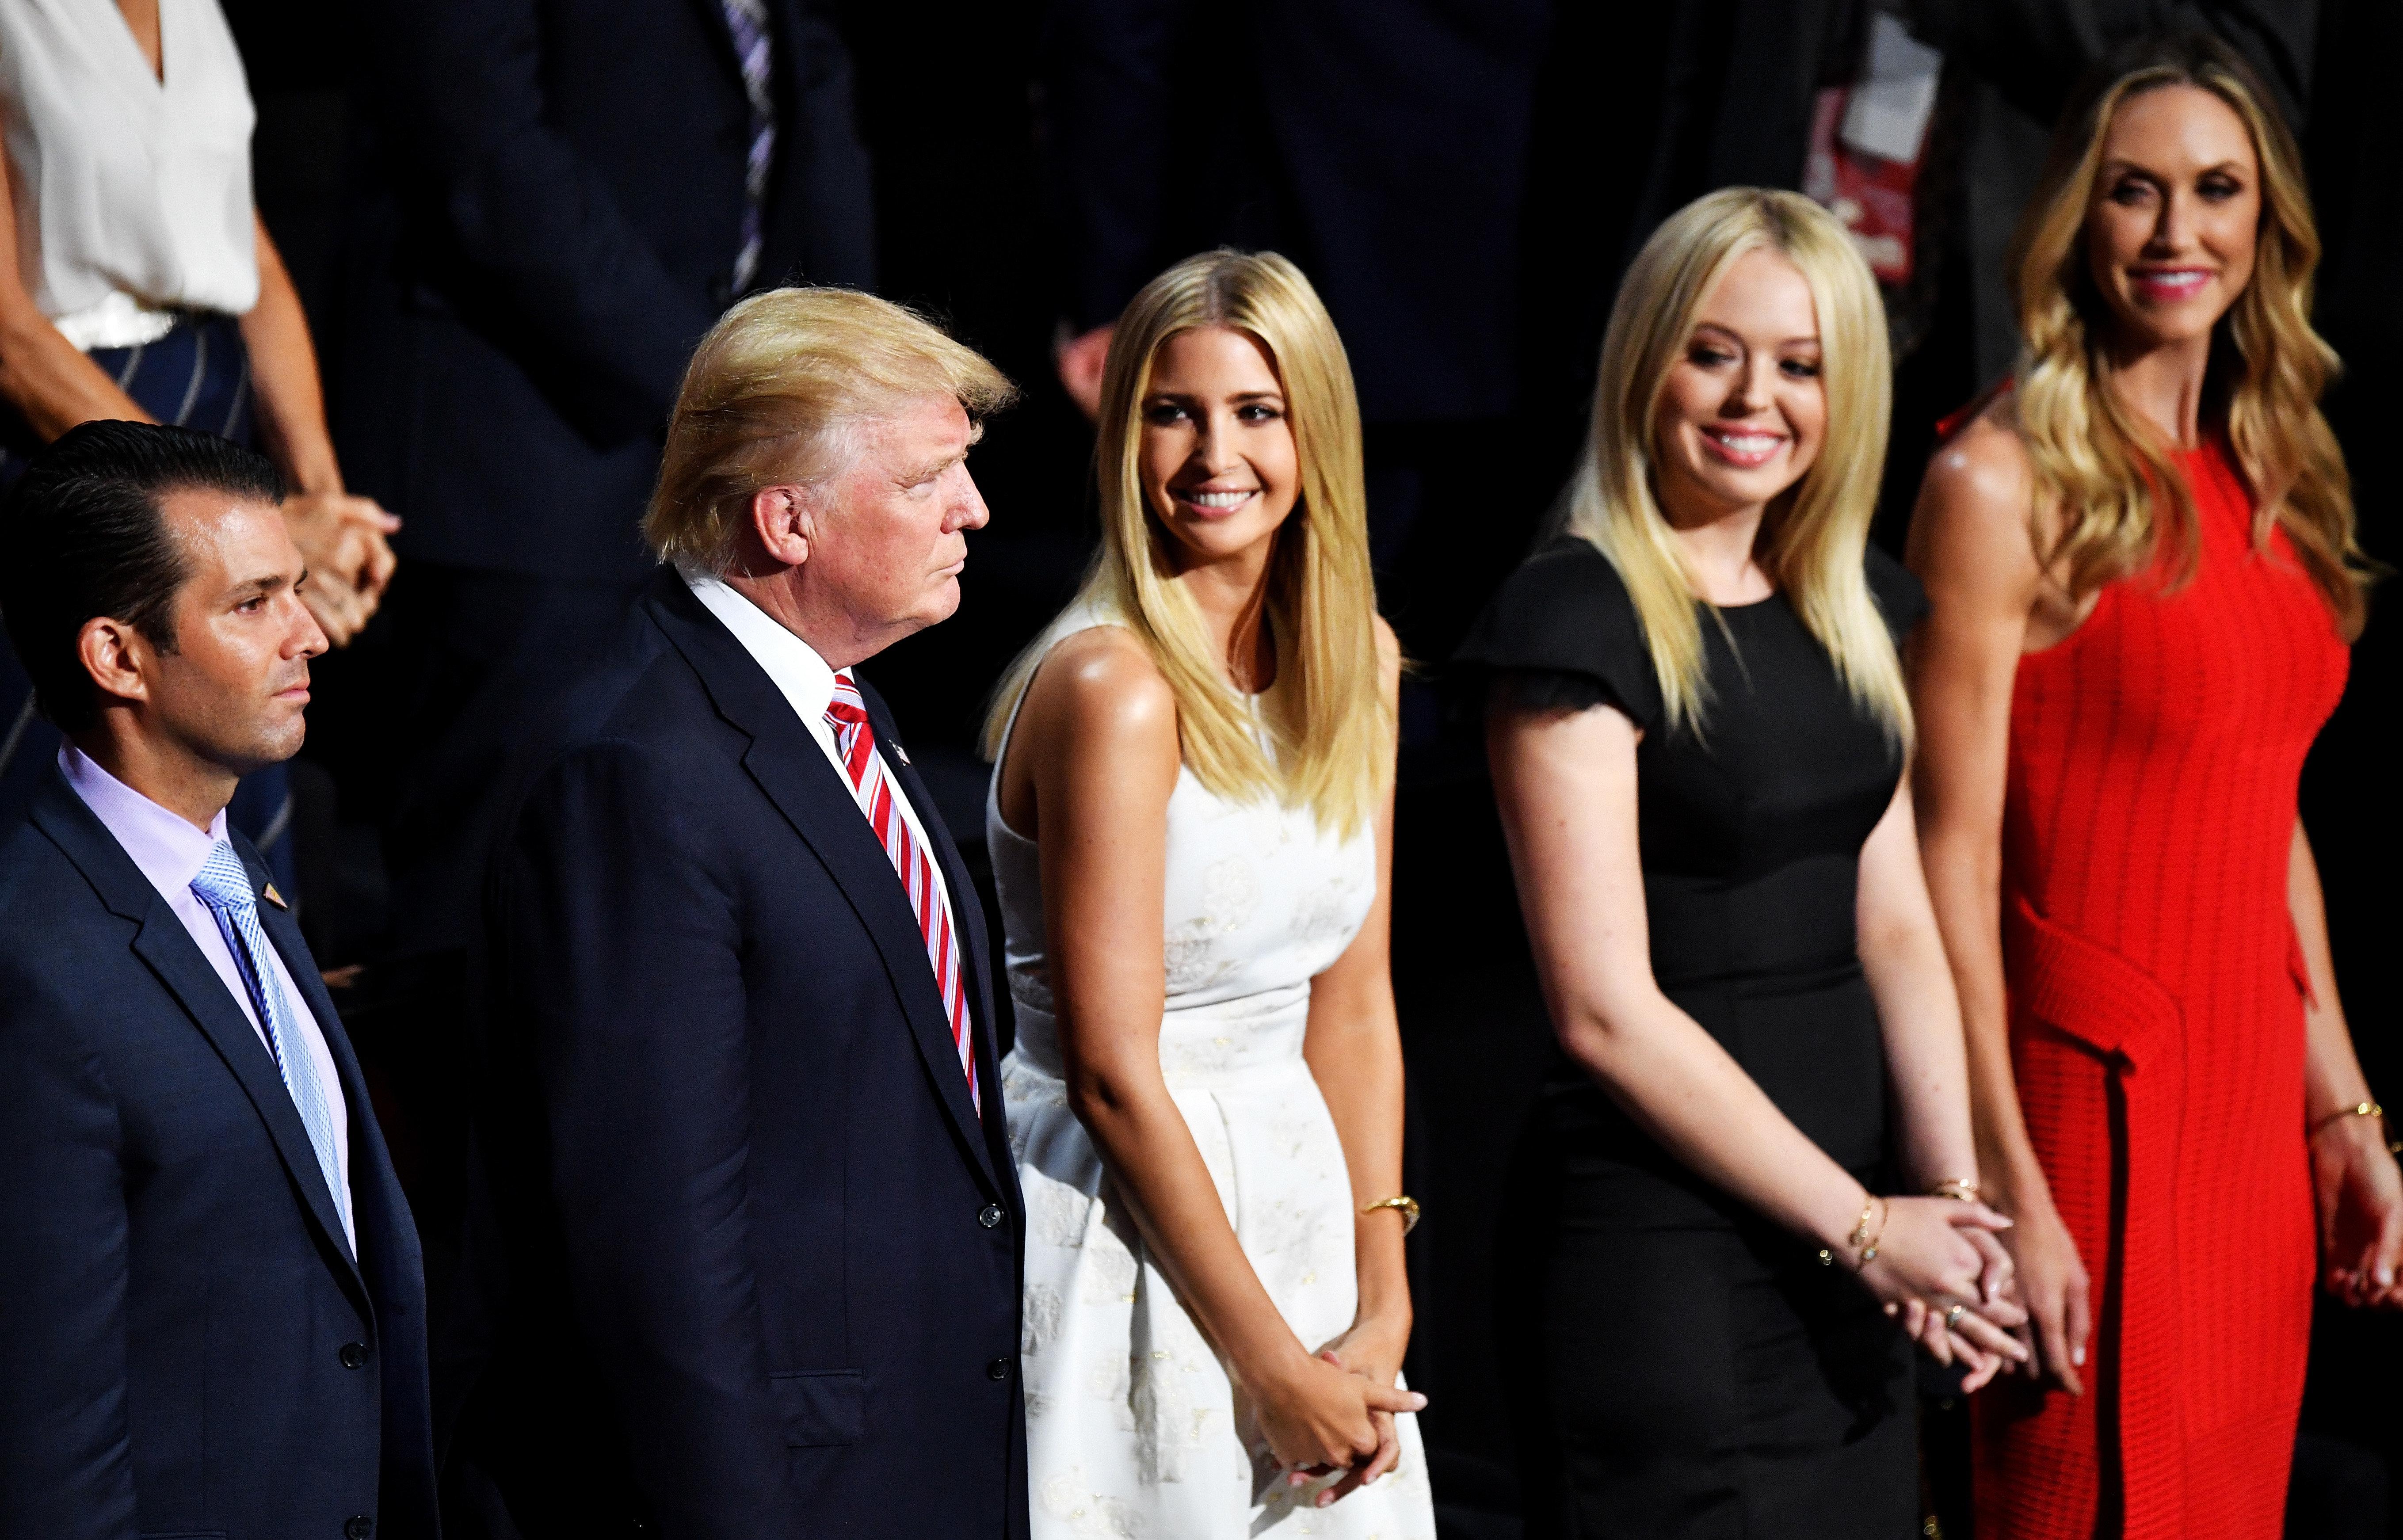 Donald Trump Jr., Donald Trump, Ivanka Trump, Tiffany Trump and Lara Yunaska listen toEric Trump deliver his speech dur